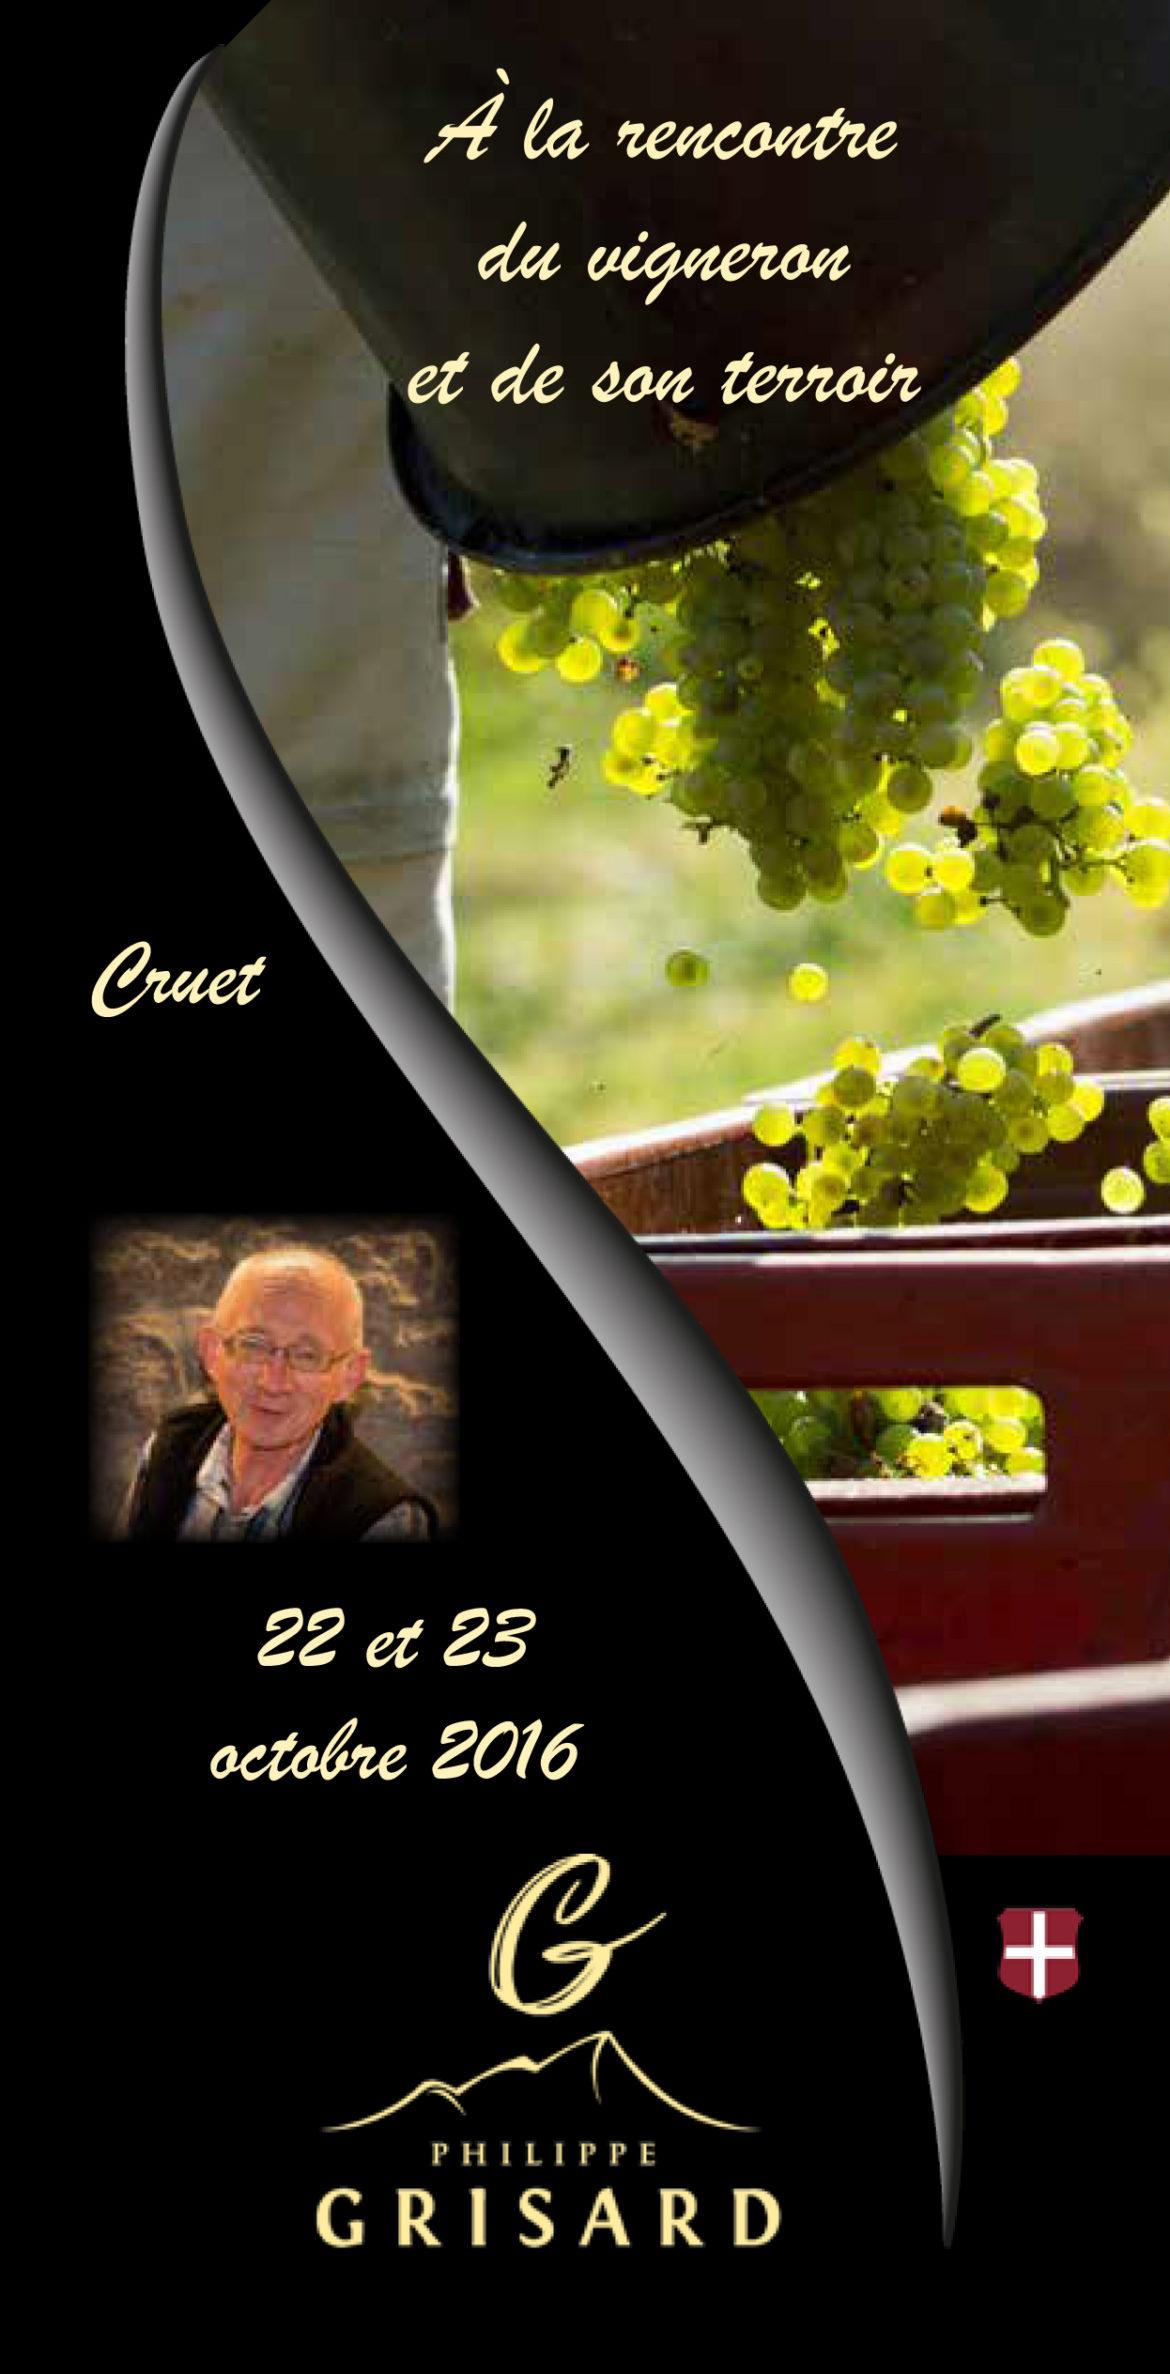 Invitation-PO-Grisard-2016-couv.jpg